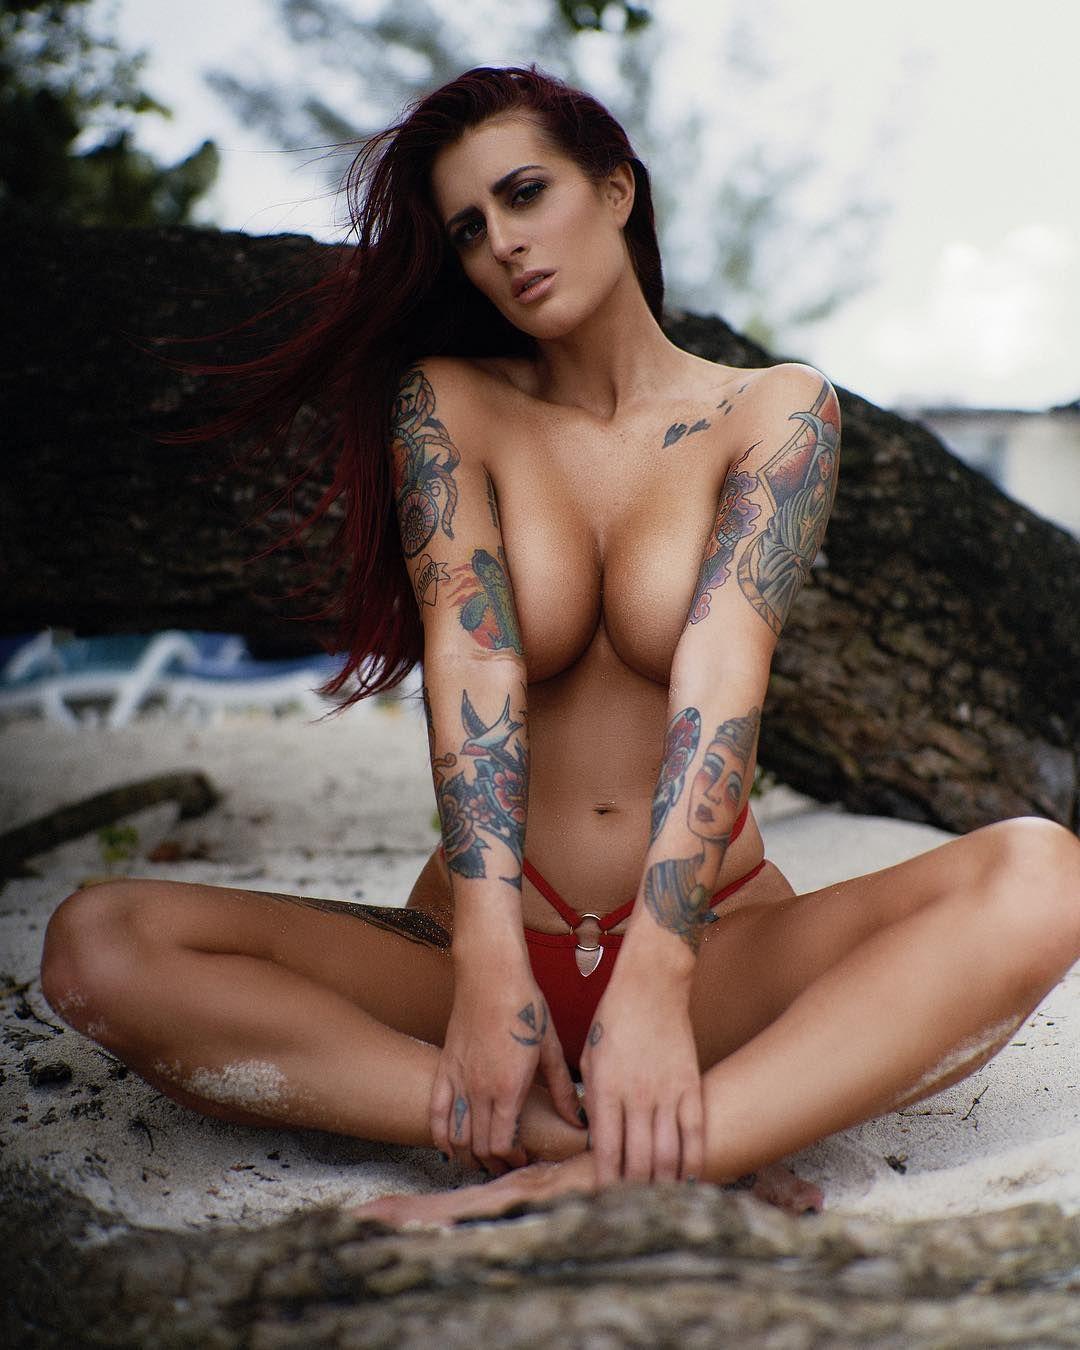 Tana lea naked